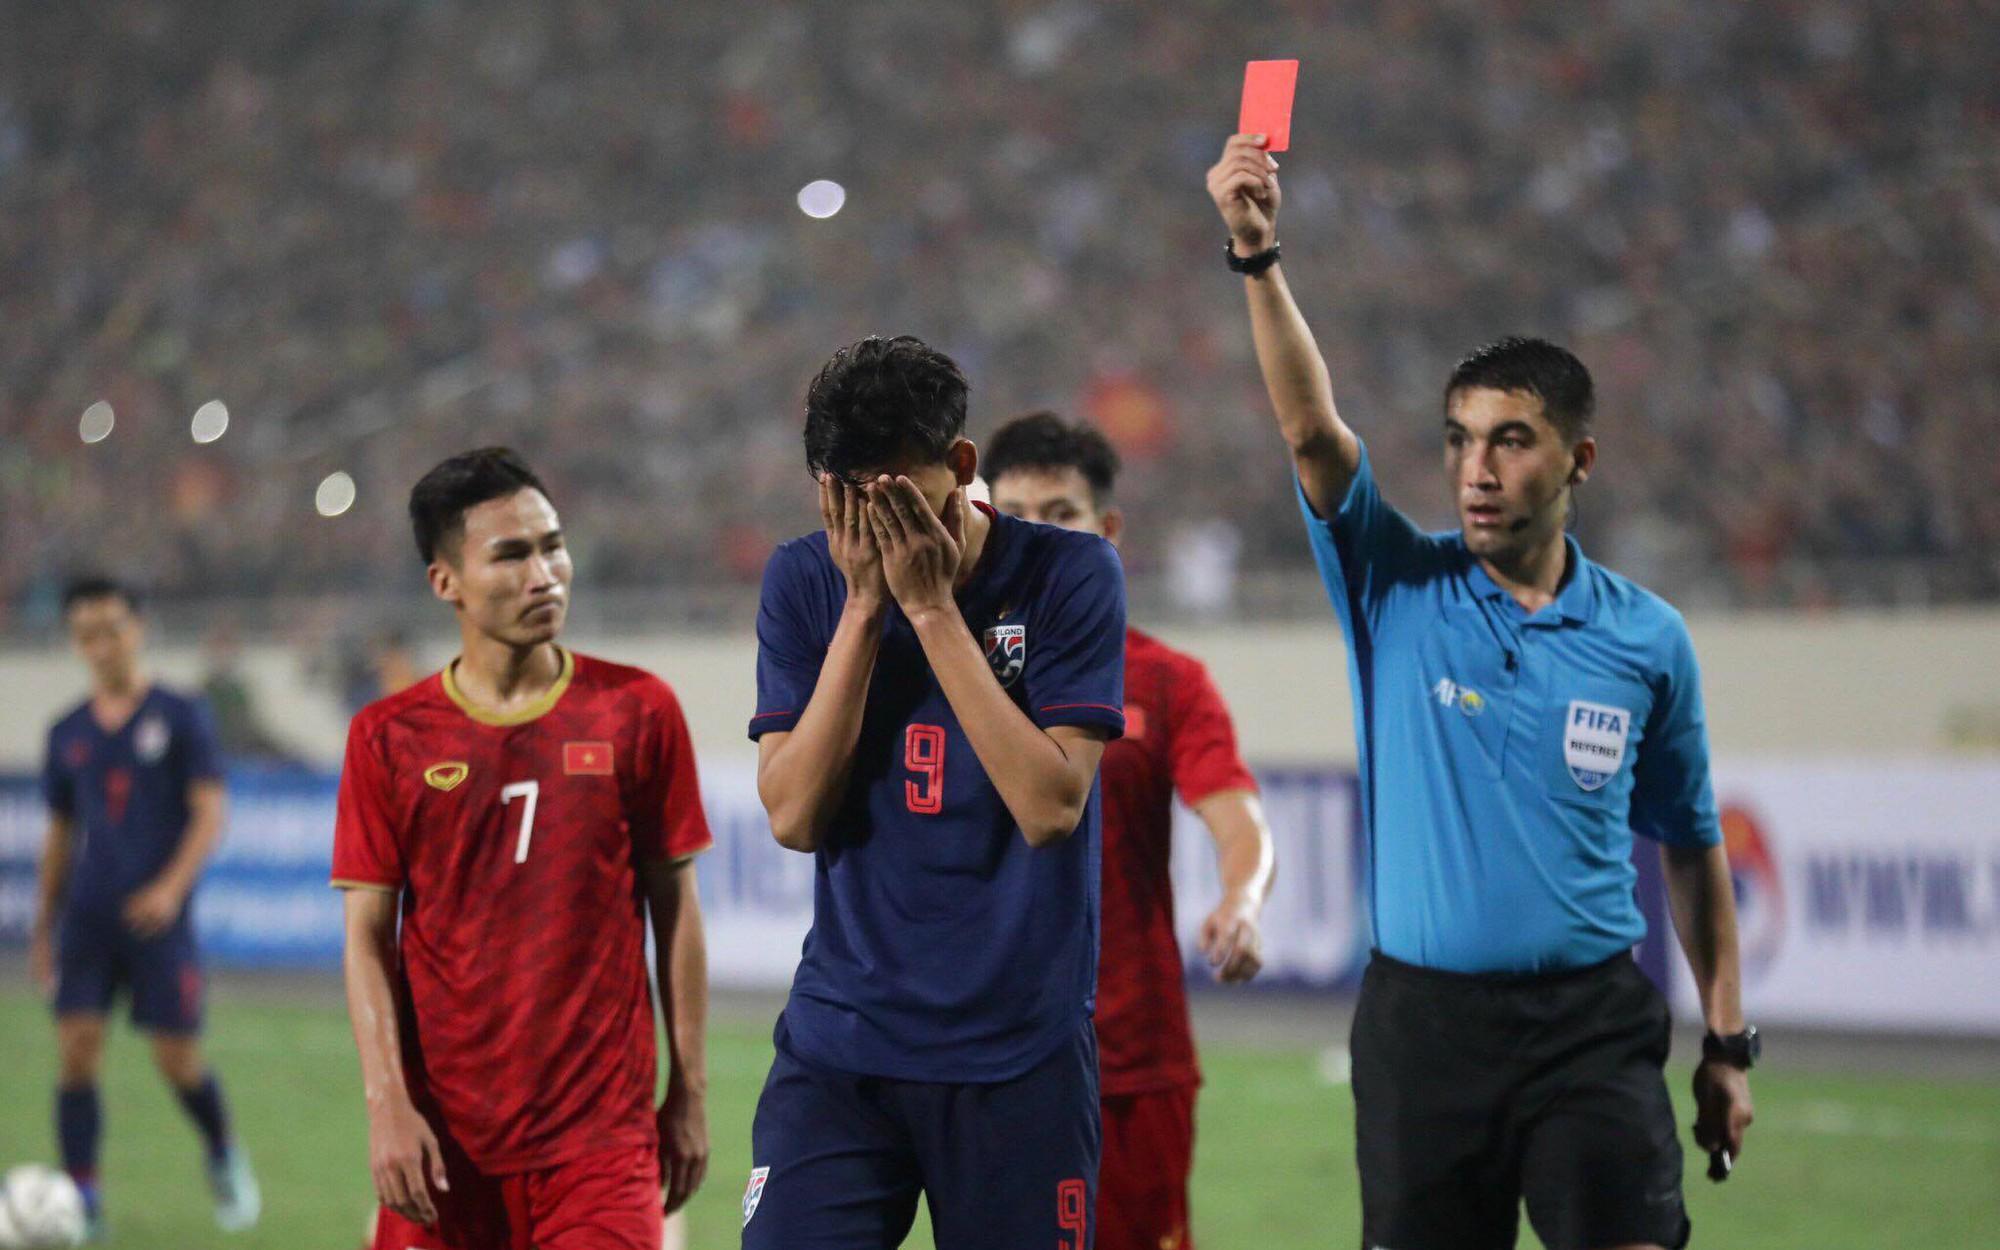 U23 Việt Nam 4-0 Thái Lan: Cách biệt lớn nhất trong lịch sử thắng Thái Lan